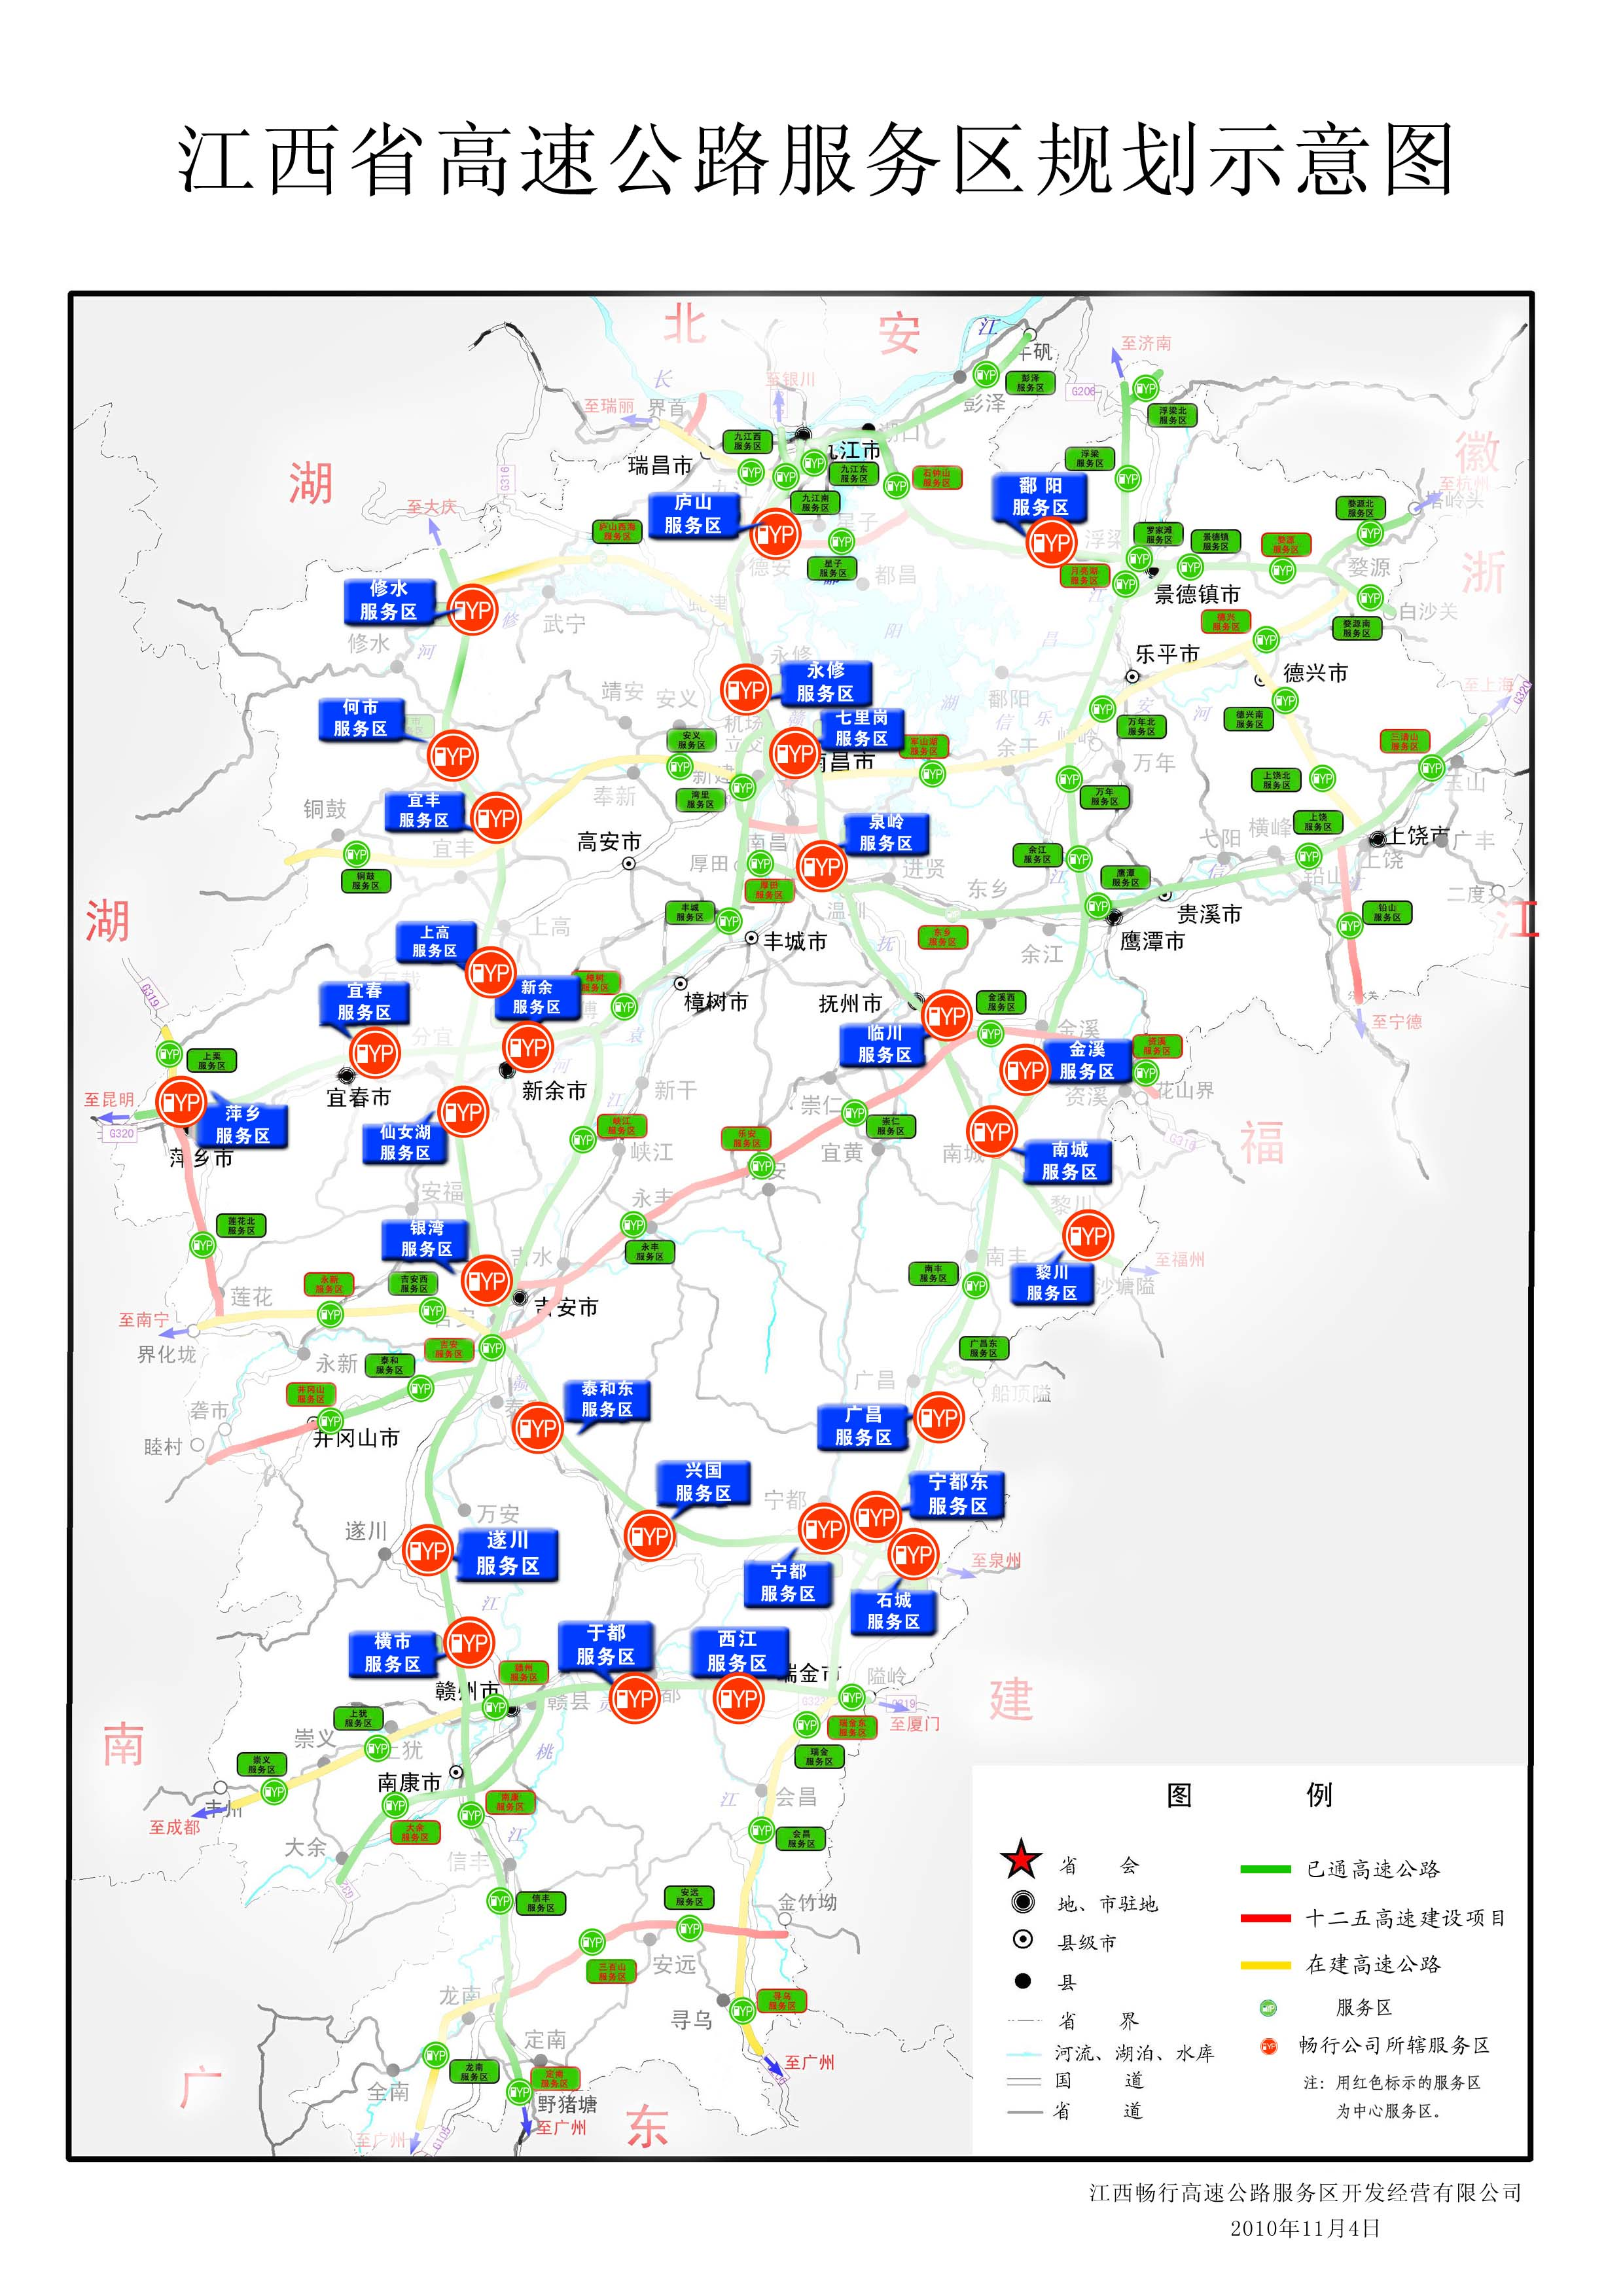 江西省高速公路服务区规划示意图_江西地图库